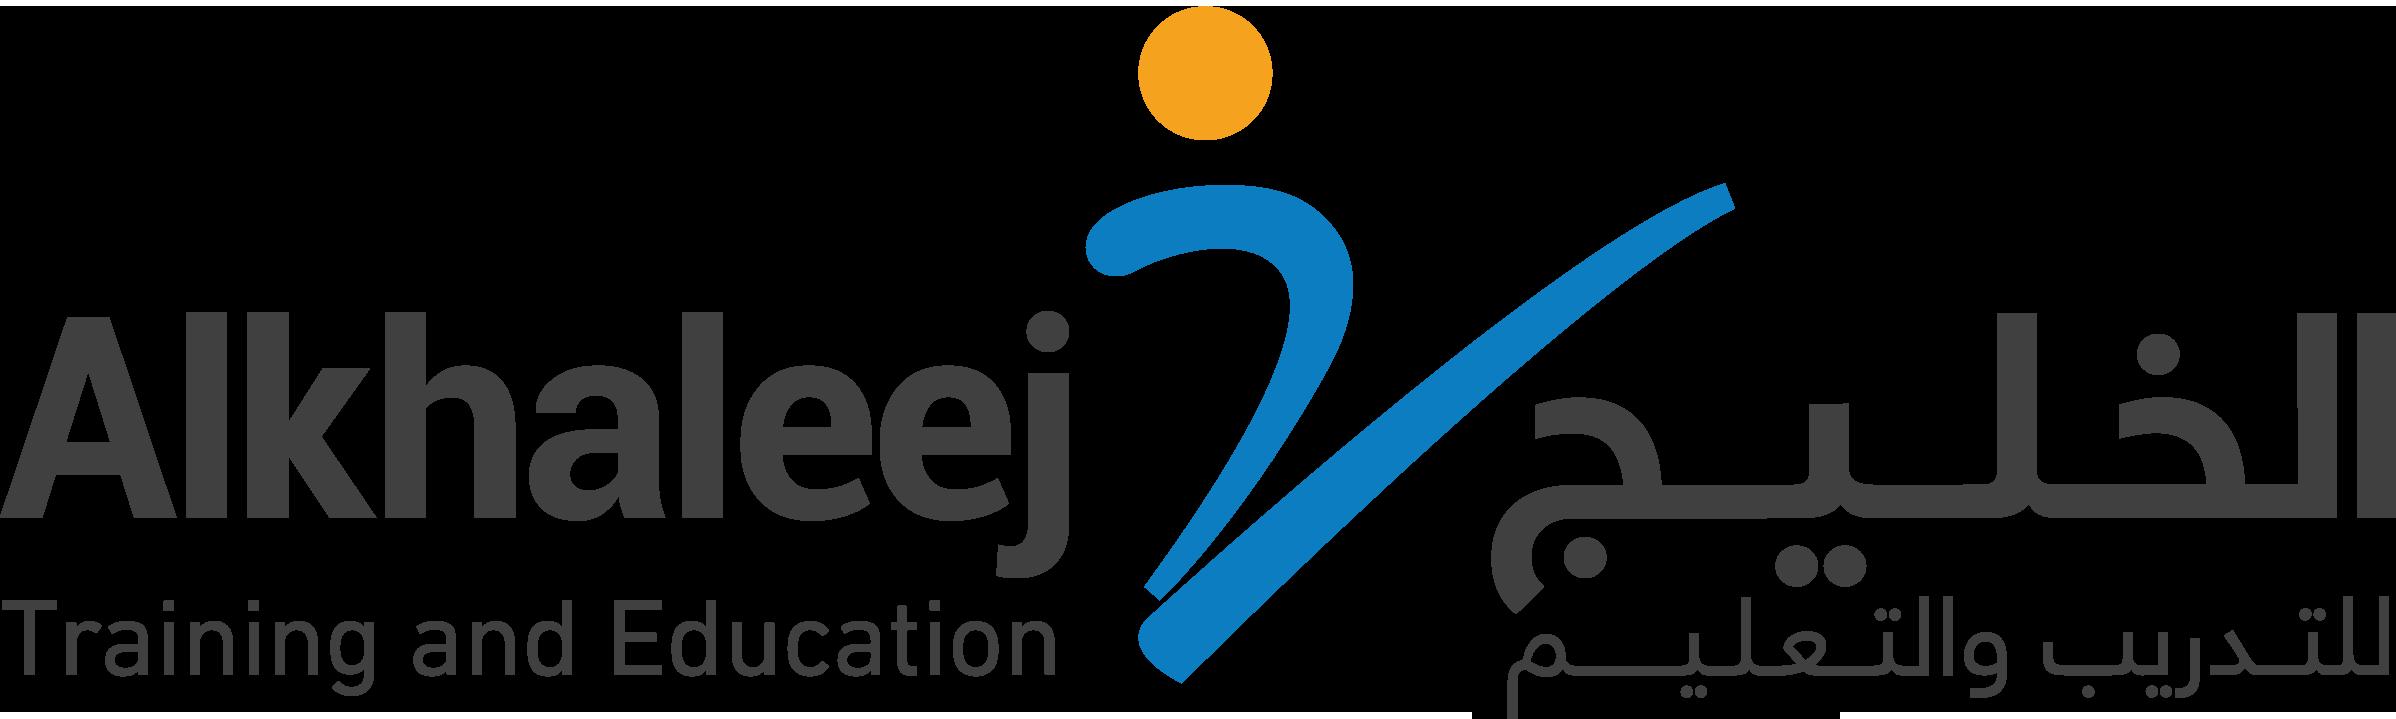 الخليج للتعليم والتدريب